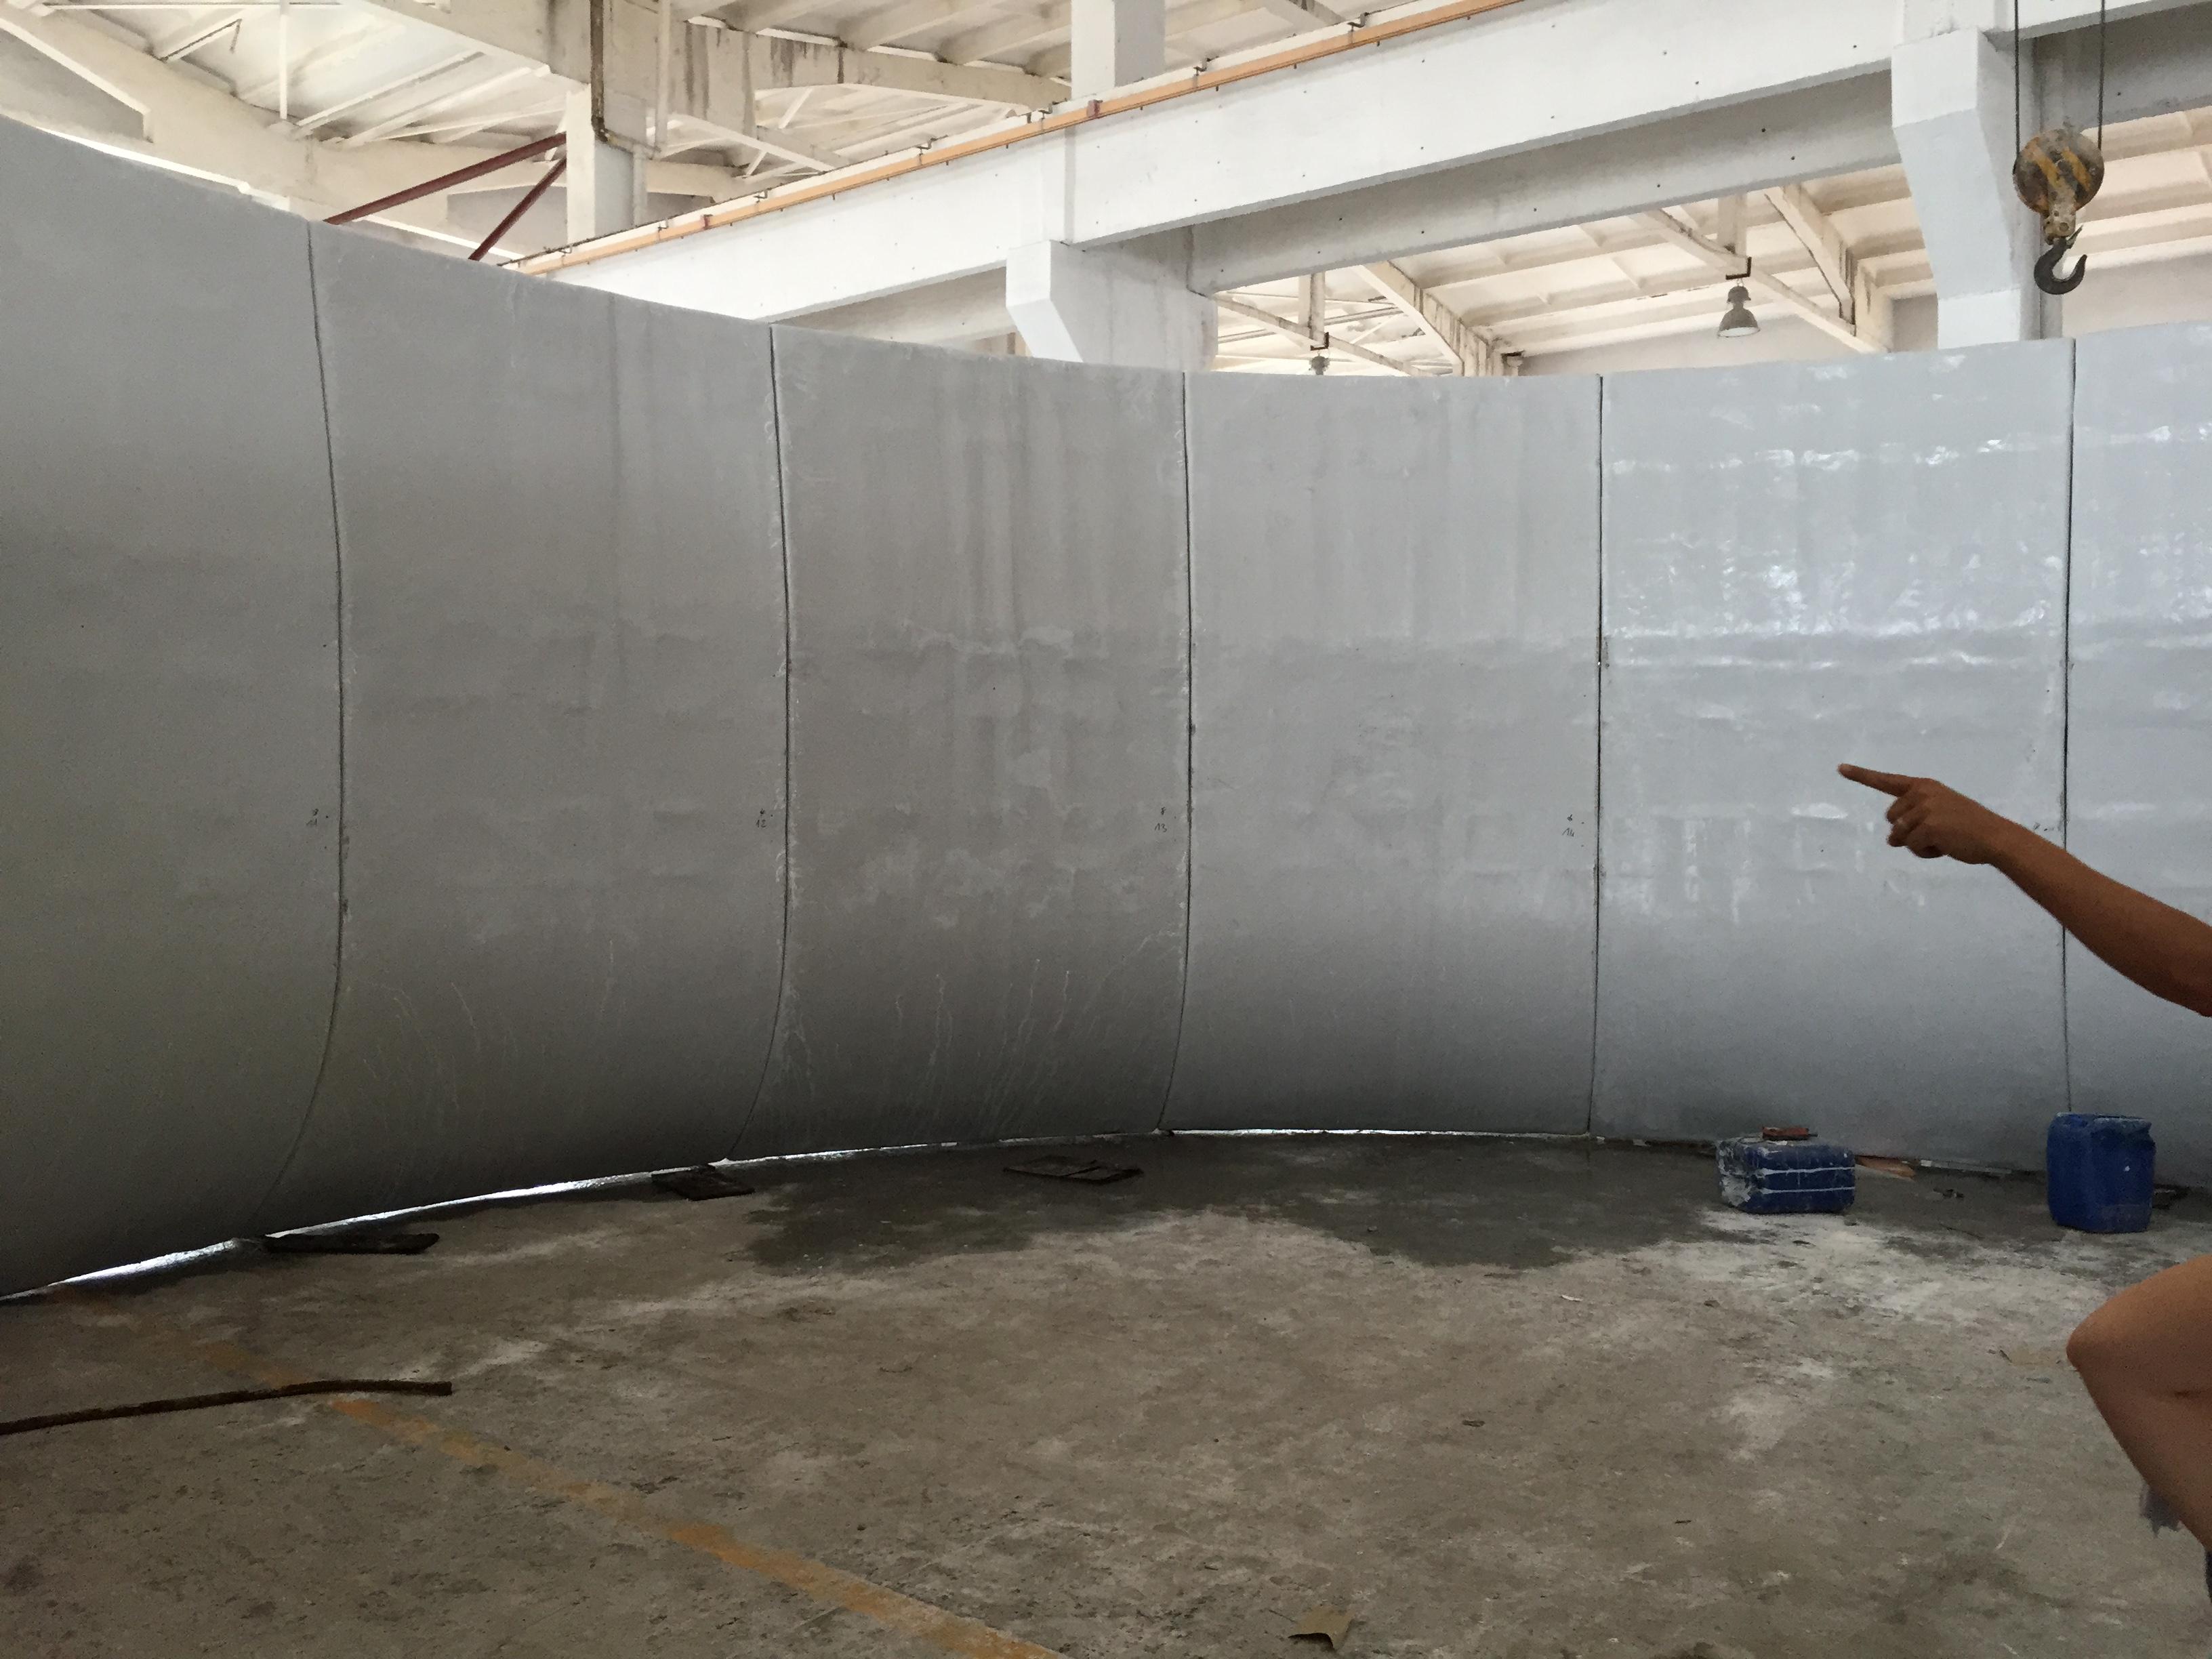 Anneau de ventilateur, acheter anneau de ventilateur, garder propre anneau de ventilateur, fabricants d'anneau de ventilateur